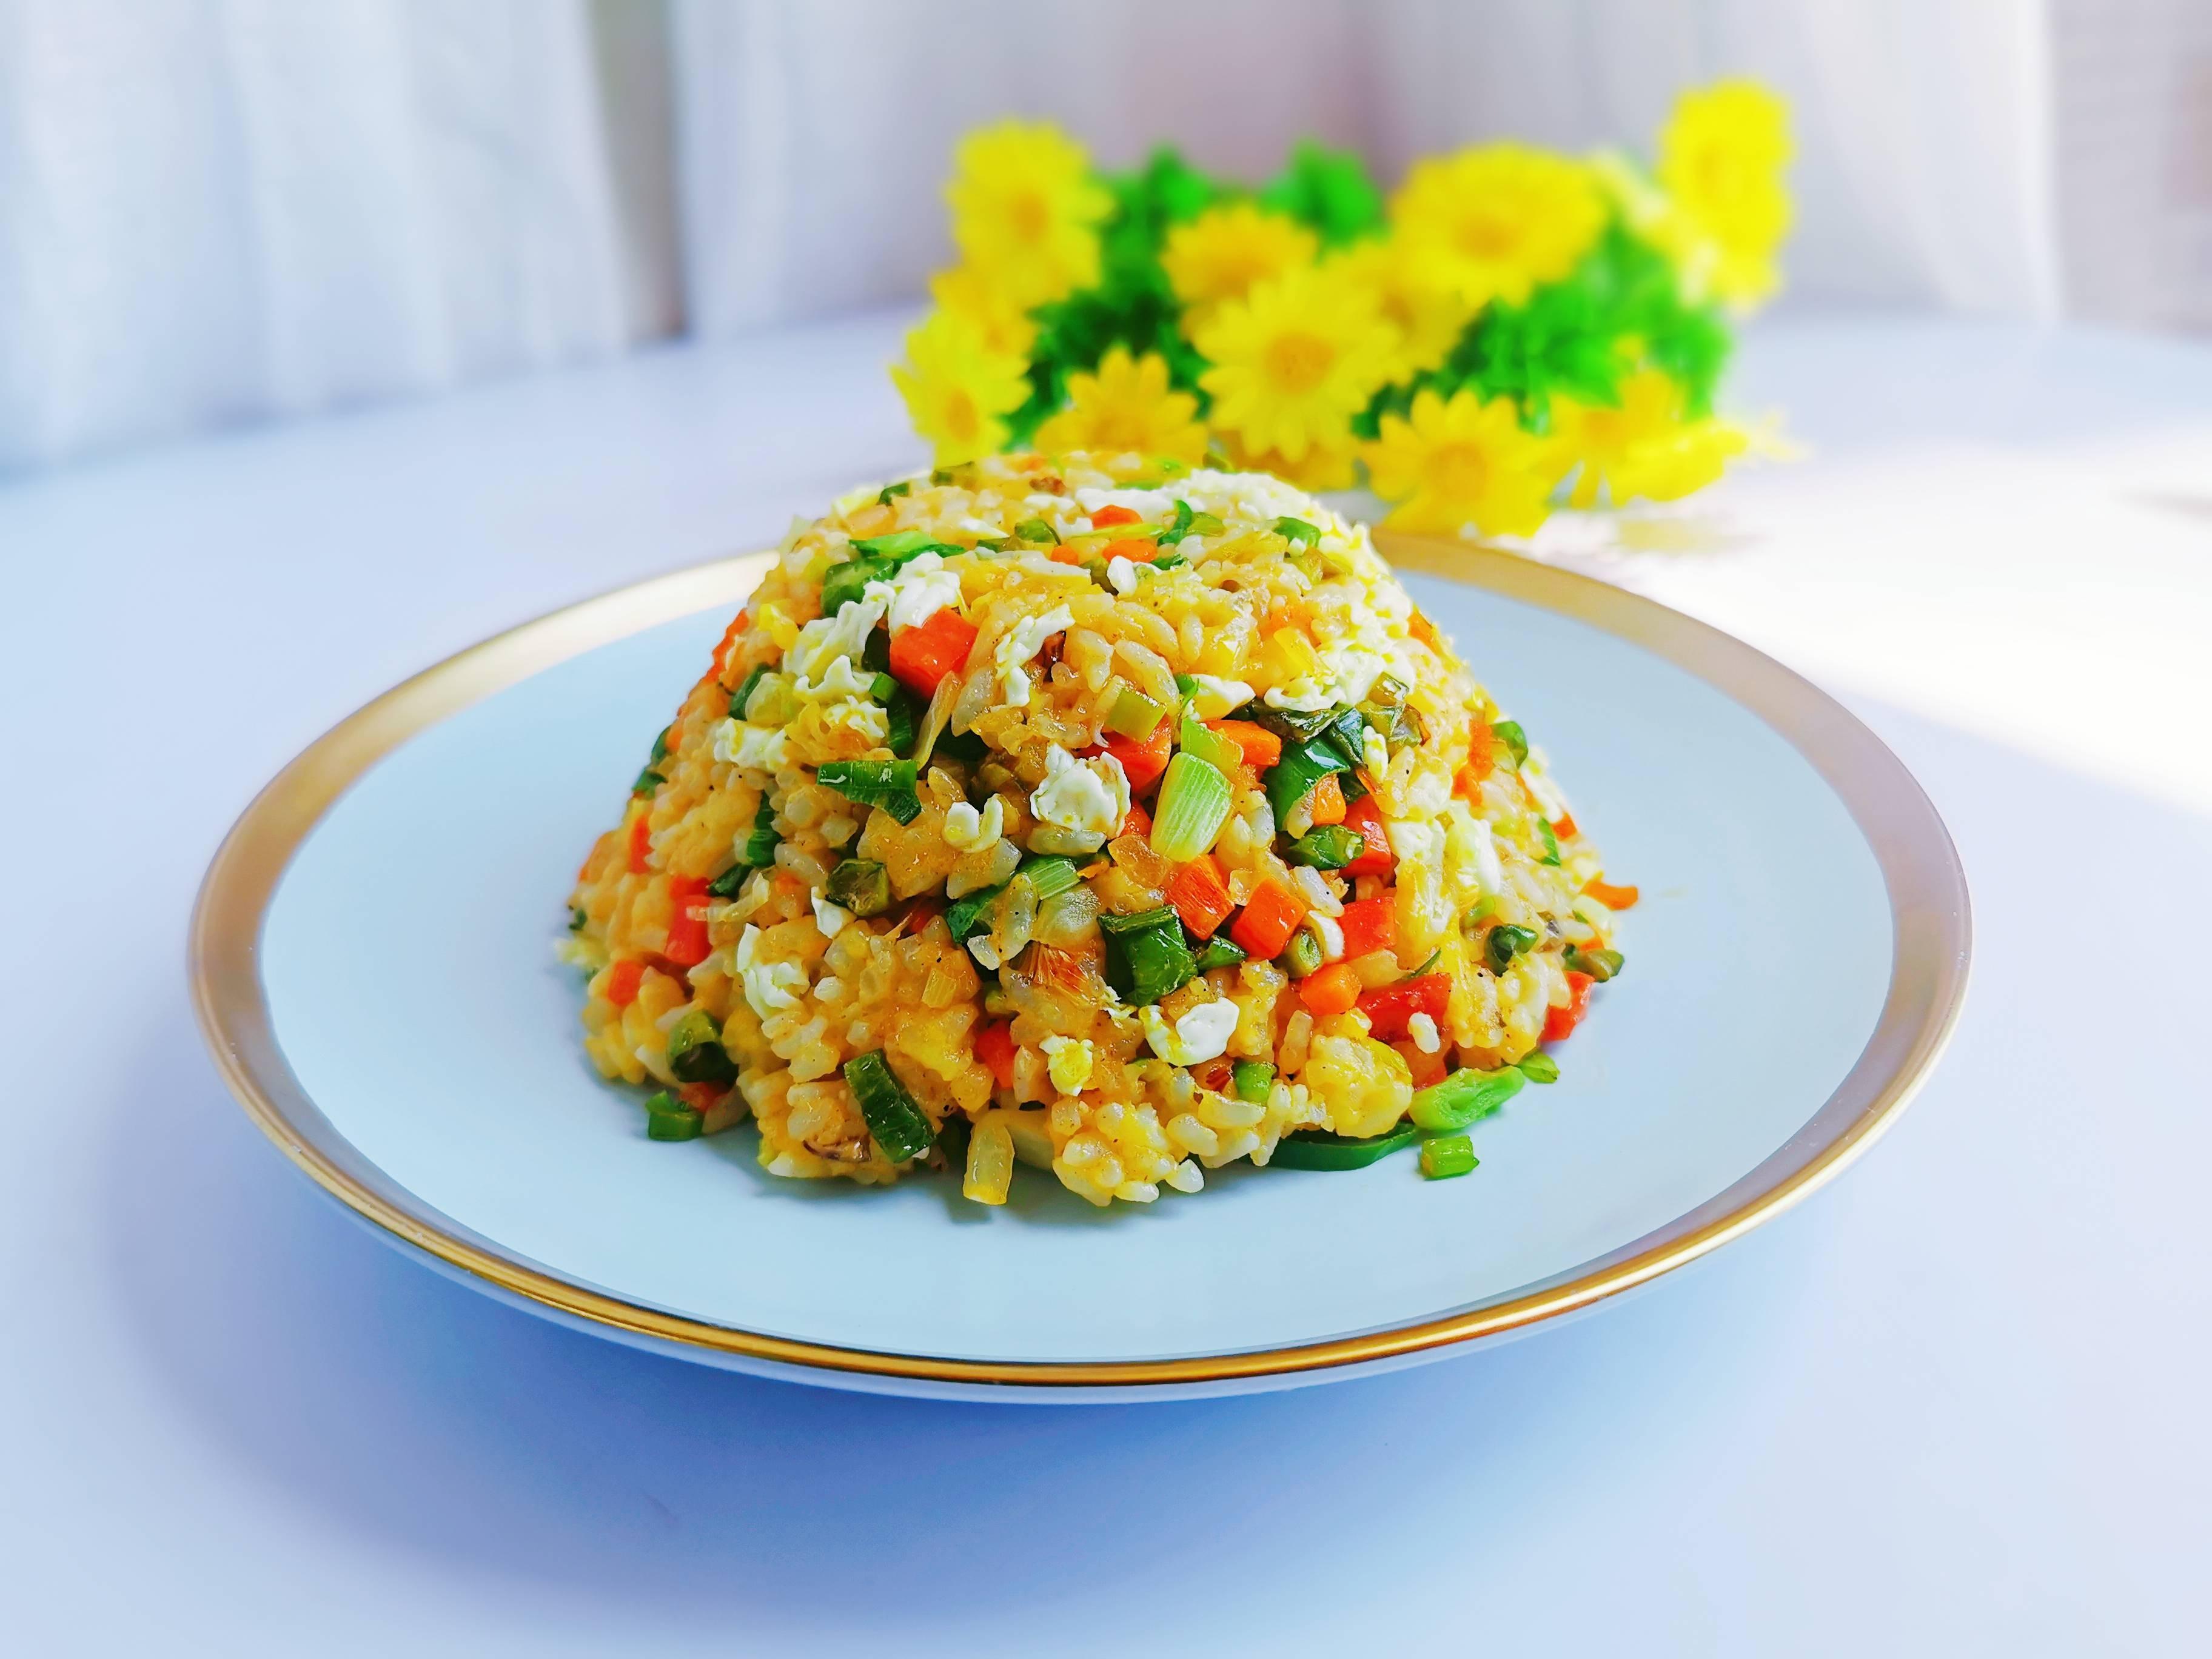 高颜值的炒饭就是剩米饭的春天,喜欢的菜可以随意搭配成品图